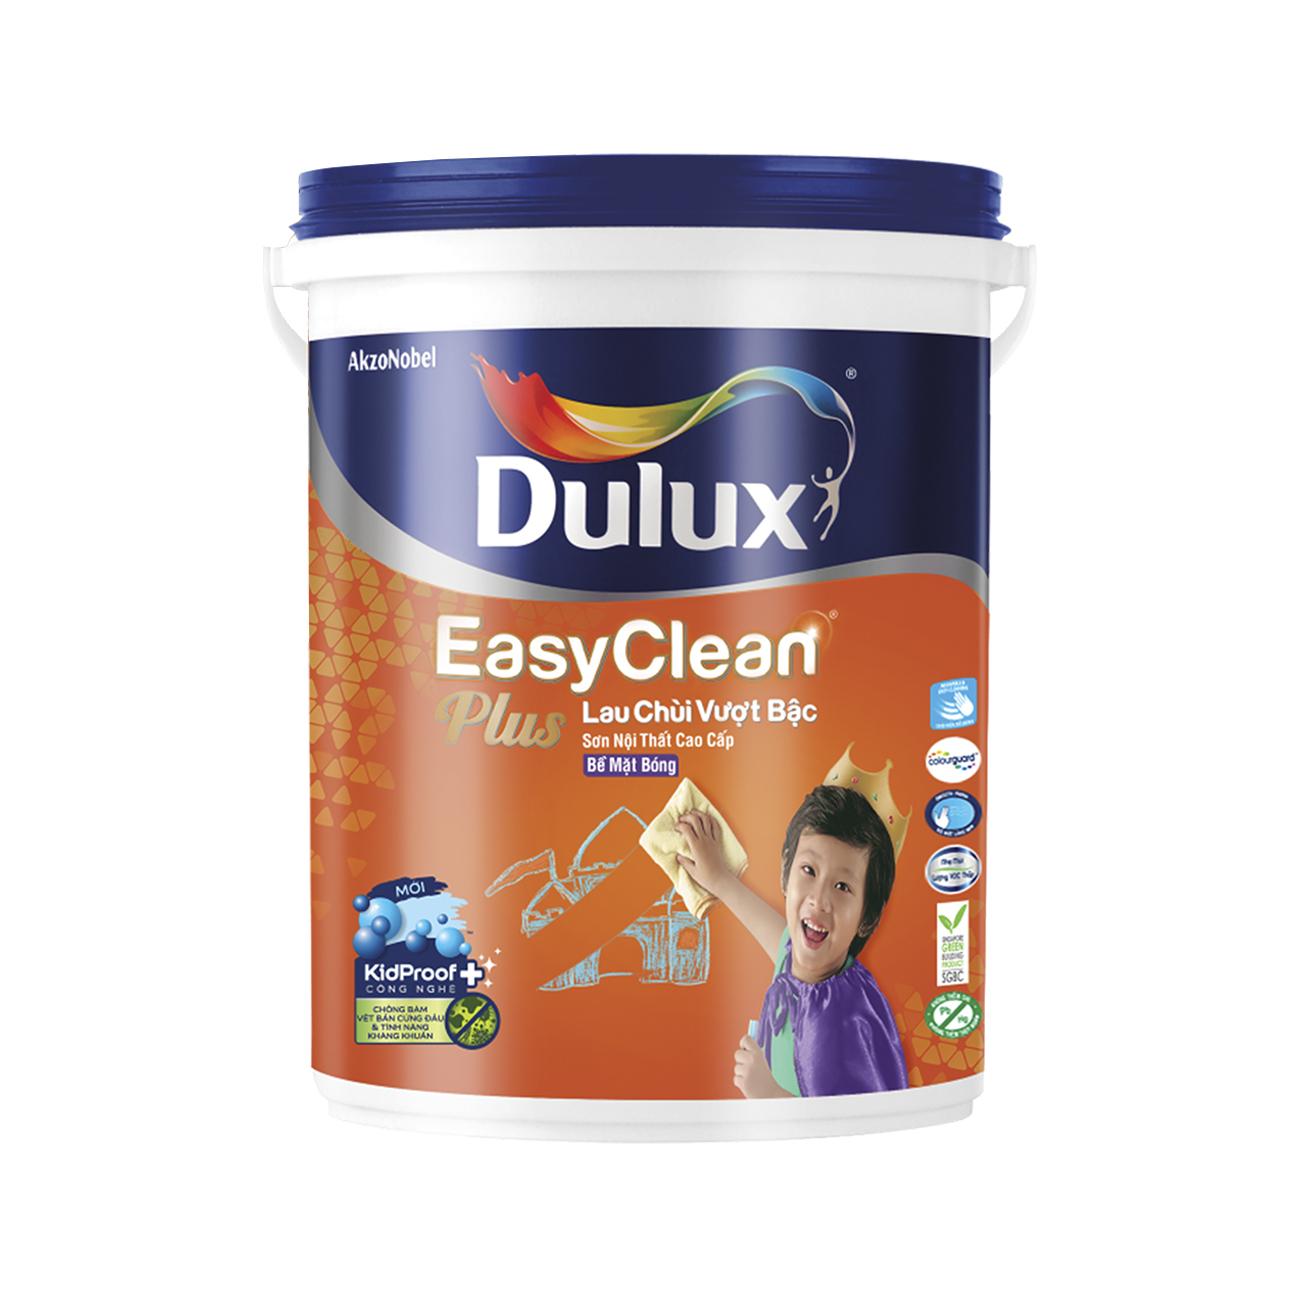 Sơn nội thất Dulux EasyClean lau chùi vượt bậc bóng 5L